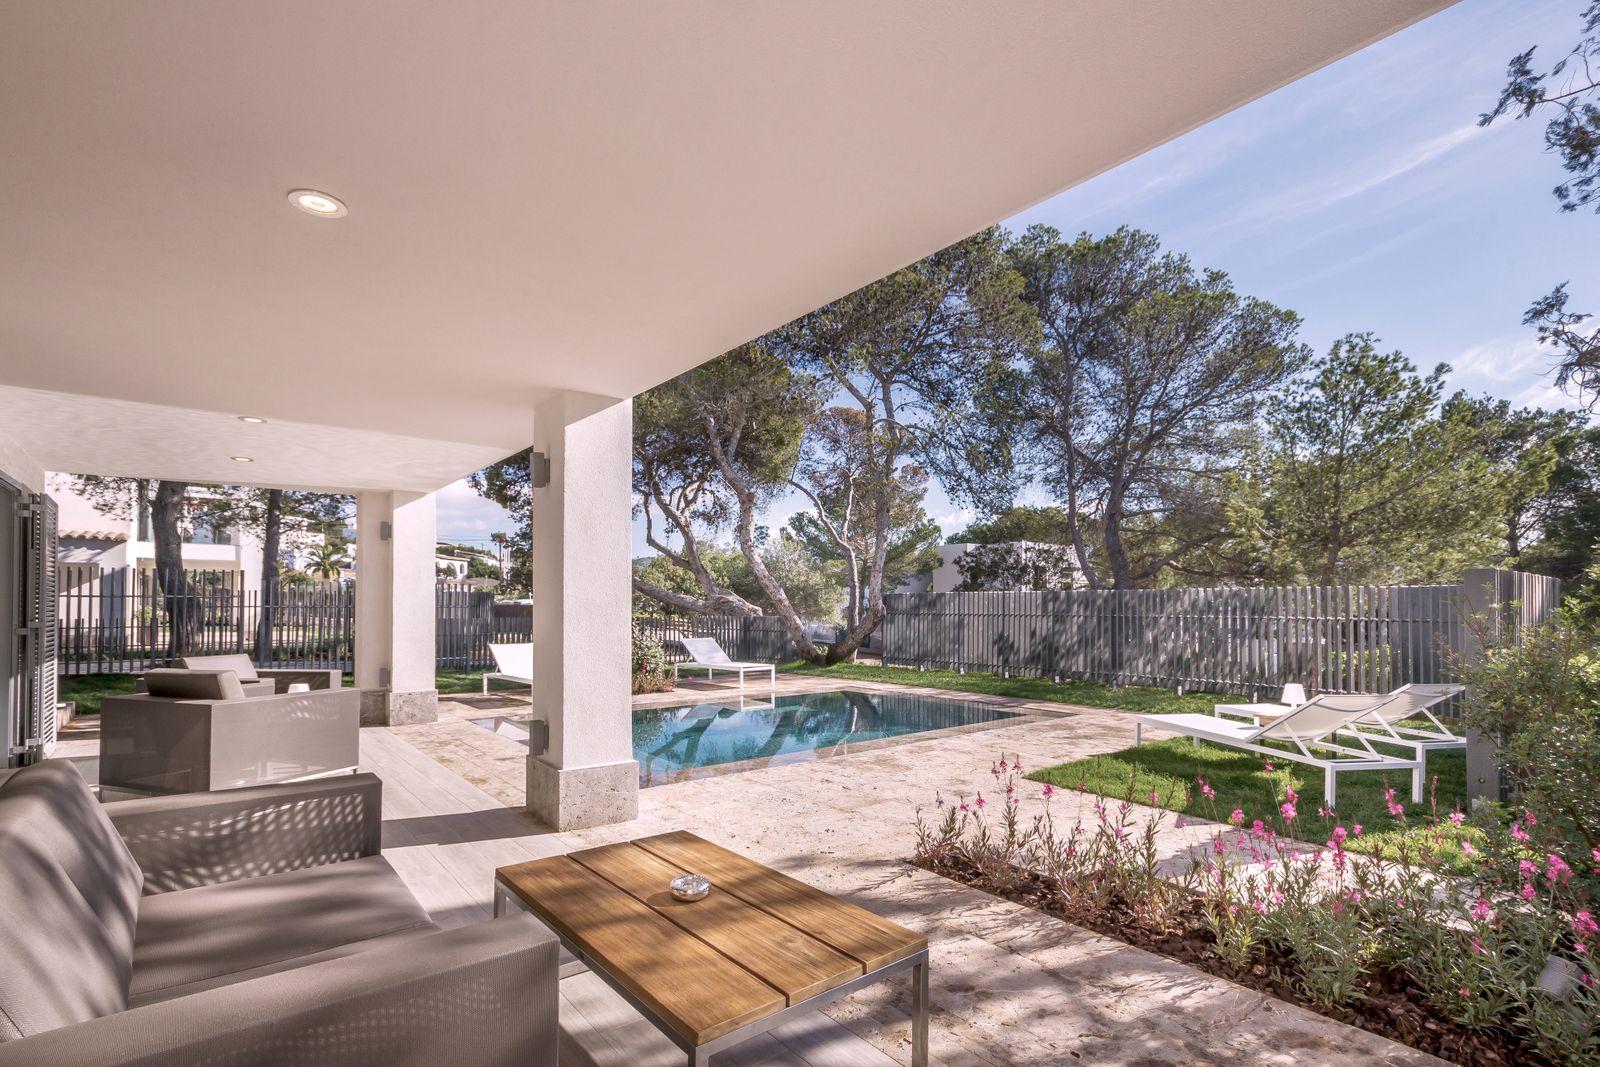 Das ¿Seven Pines Resort¿ auf Ibiza